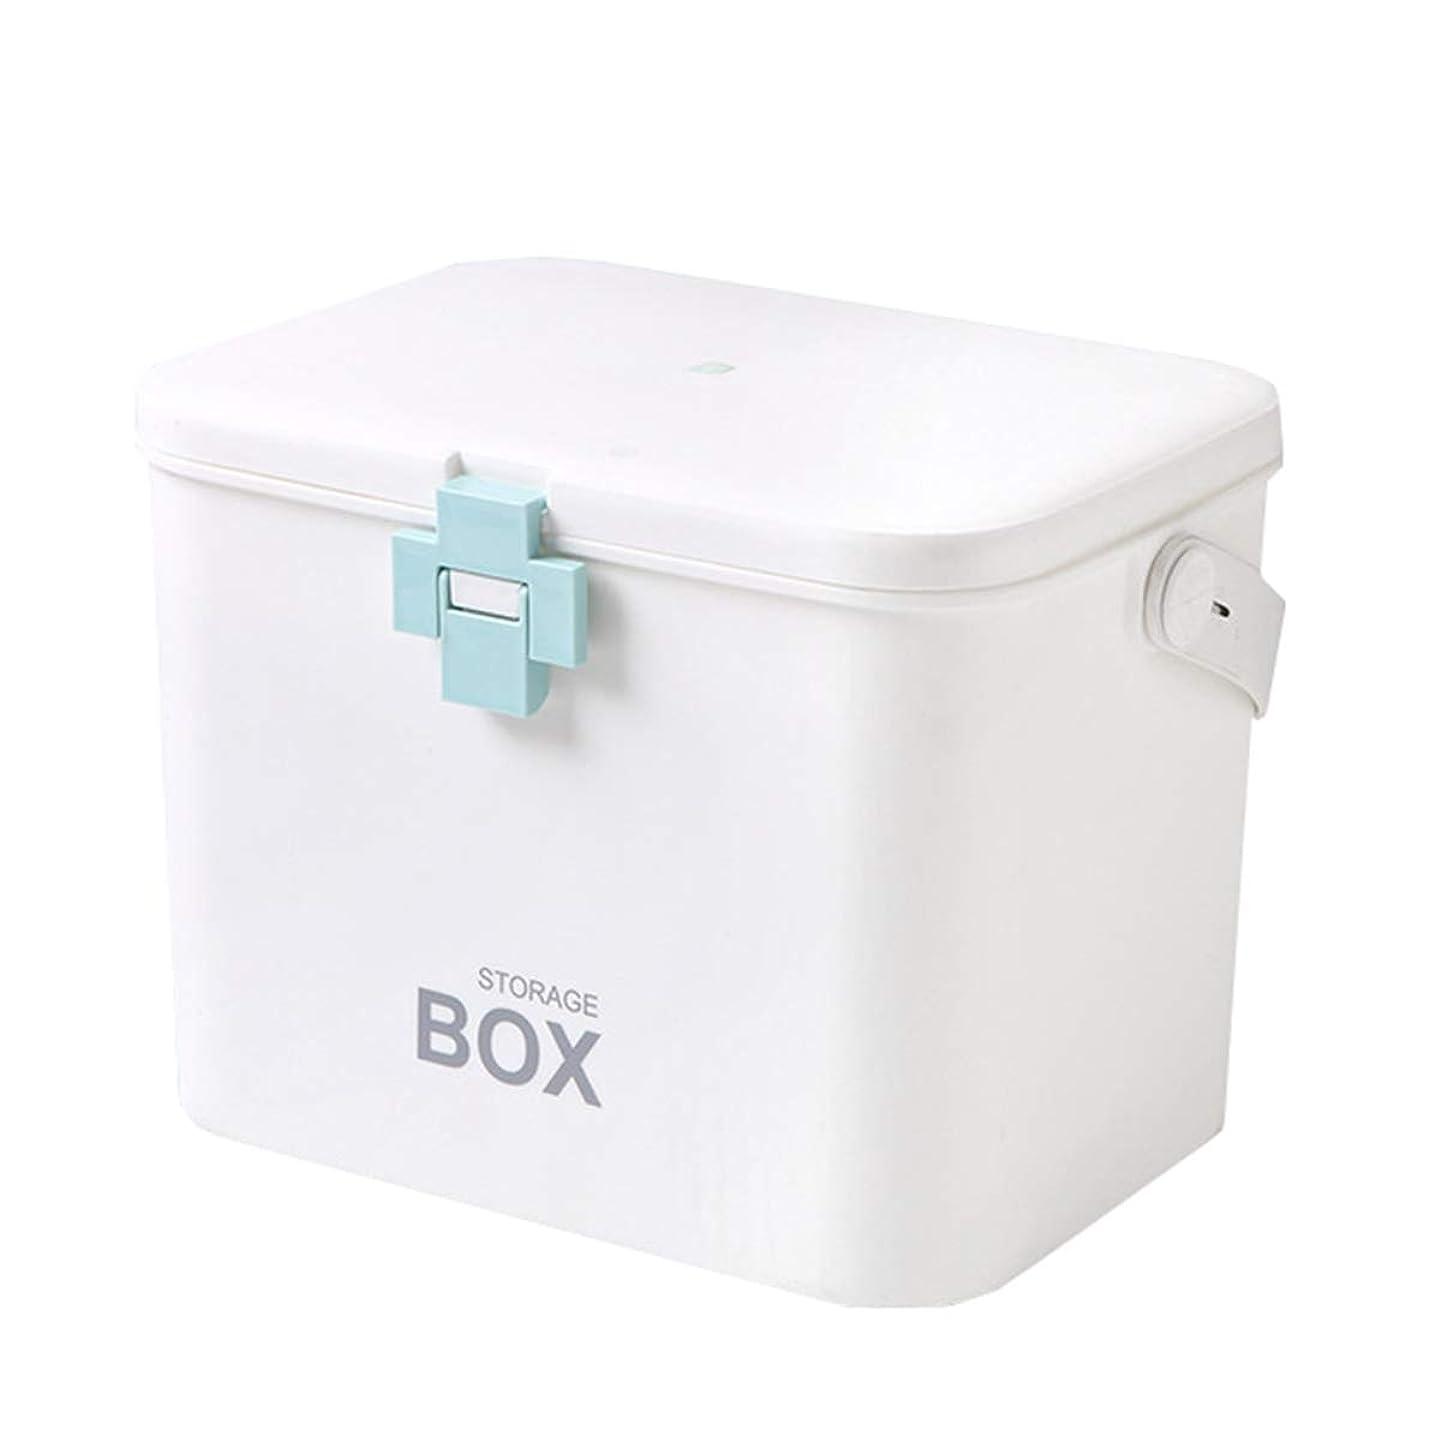 スポークスマン暴行まだら救急箱 応急処置 薬箱 救急ボックス 薬 くすり 収納 収納ボックス 大容量 収納箱 救急 応急手当 薬入れ 小物入れ 多機能 家庭用 ブルー 31cm*20cm*22cm